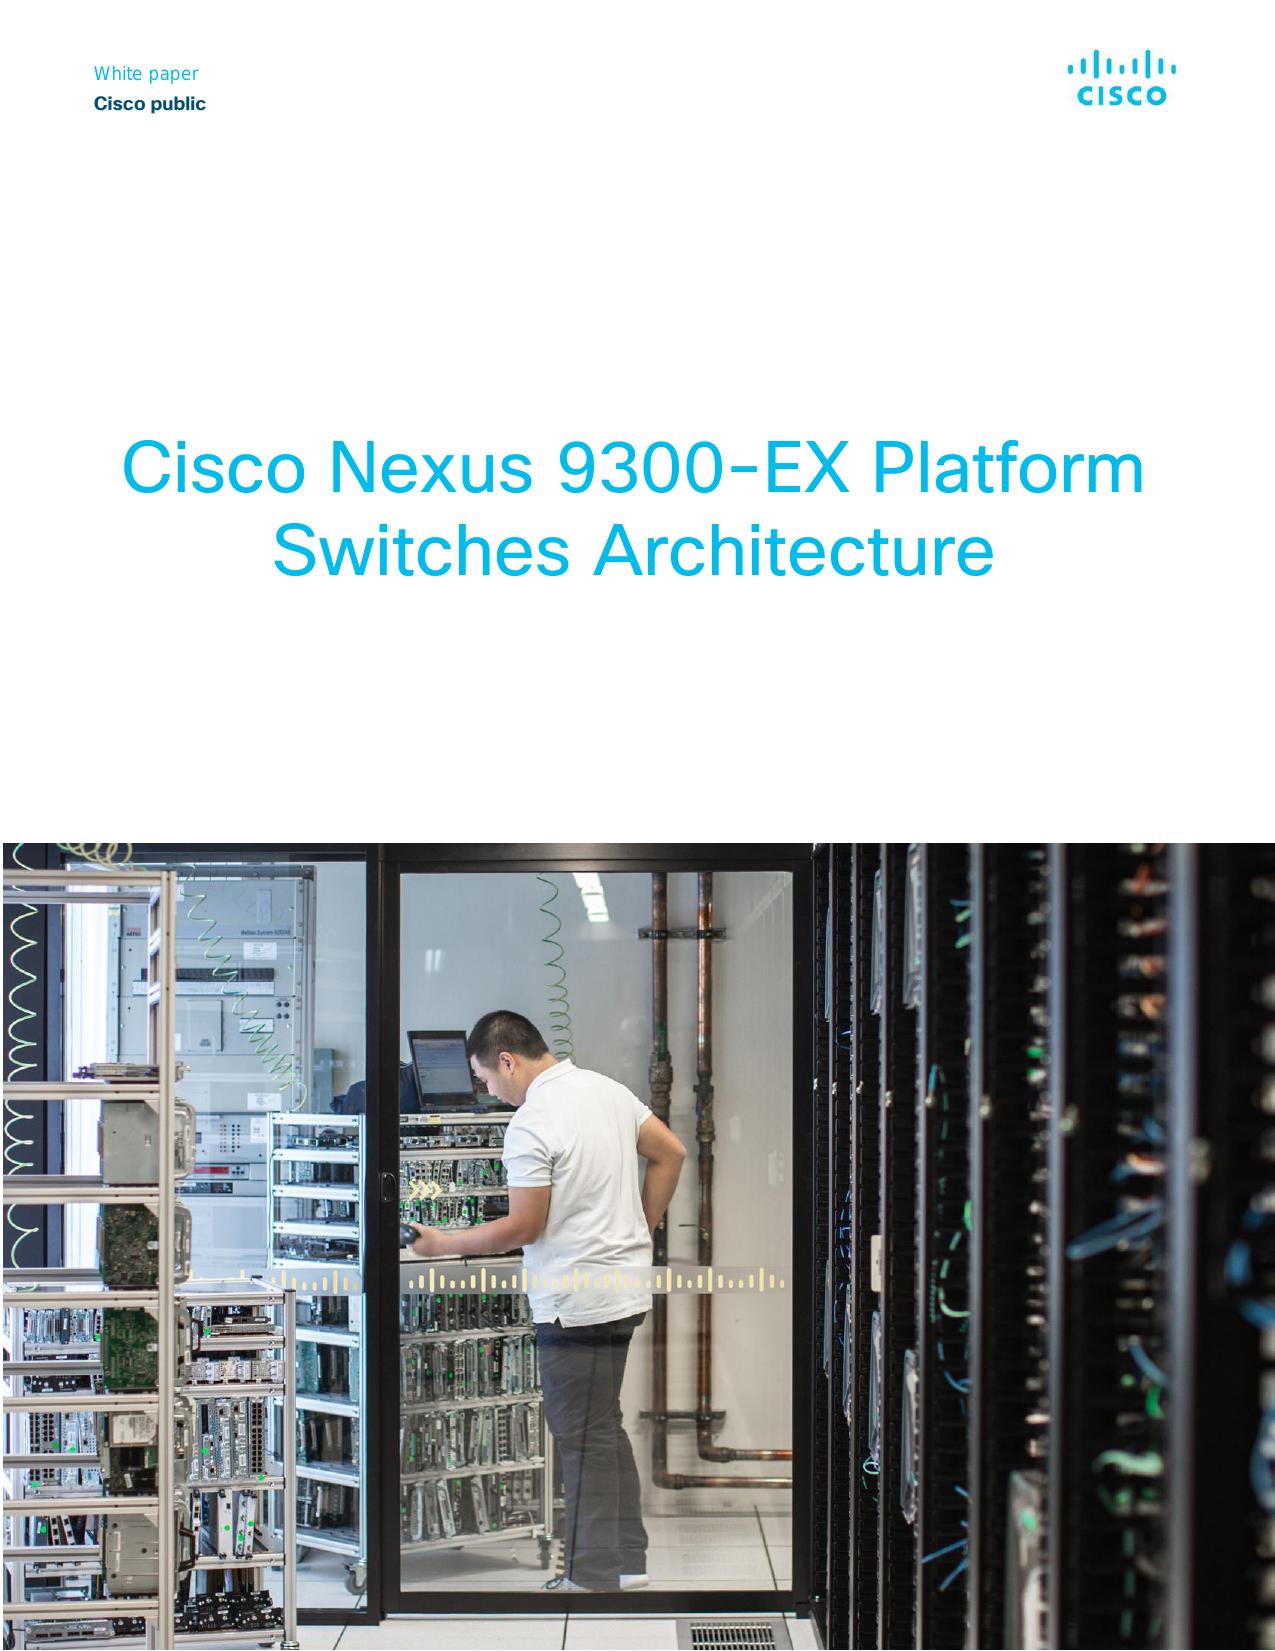 Cisco Nexus 9300-EX Platform Switches Architecture White Paper